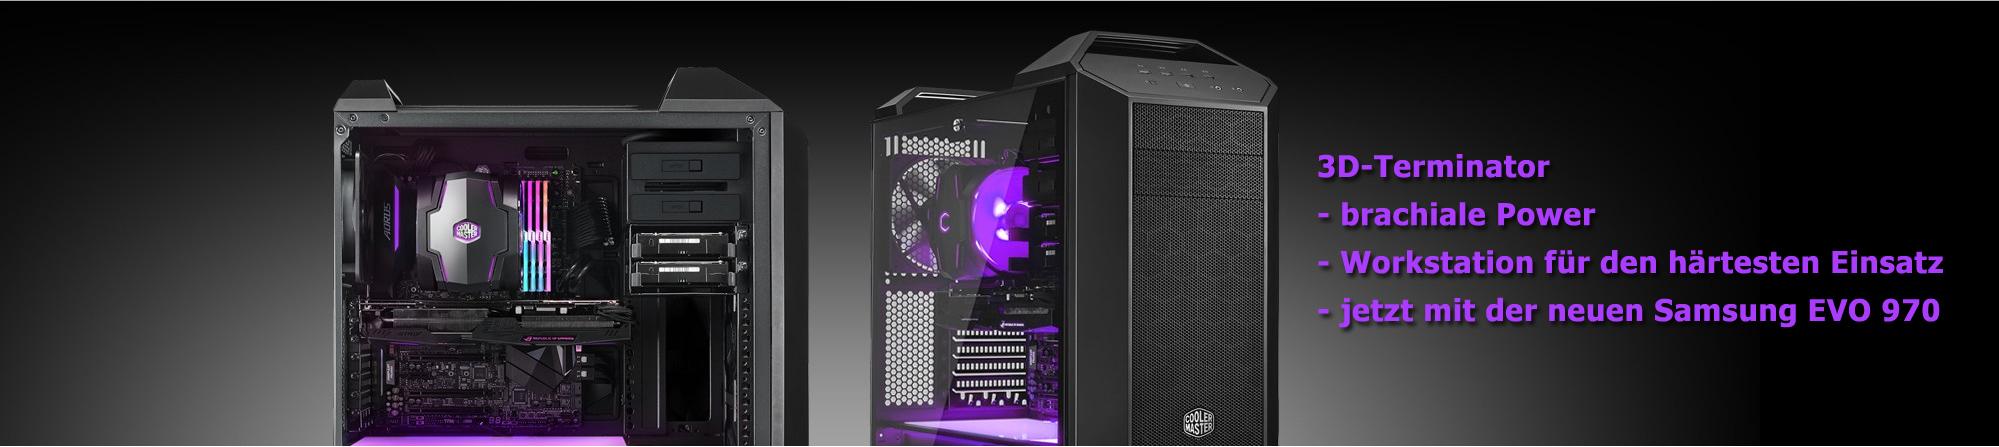 Gaming-PC-Systeme ab CHF 499 | Diese Woche bis zu 30% Rabatt. | Jetzt mit i9 9900K, i7 9700K. Gamer-PCs, Gaming PCs, 3D-Workstations, Flugsimulator-PCs mit neuester und bester Hardware. Individuell konfigurierbar. Top Beratung + Top Service + Top Preis. Ultimate Silent Performance.